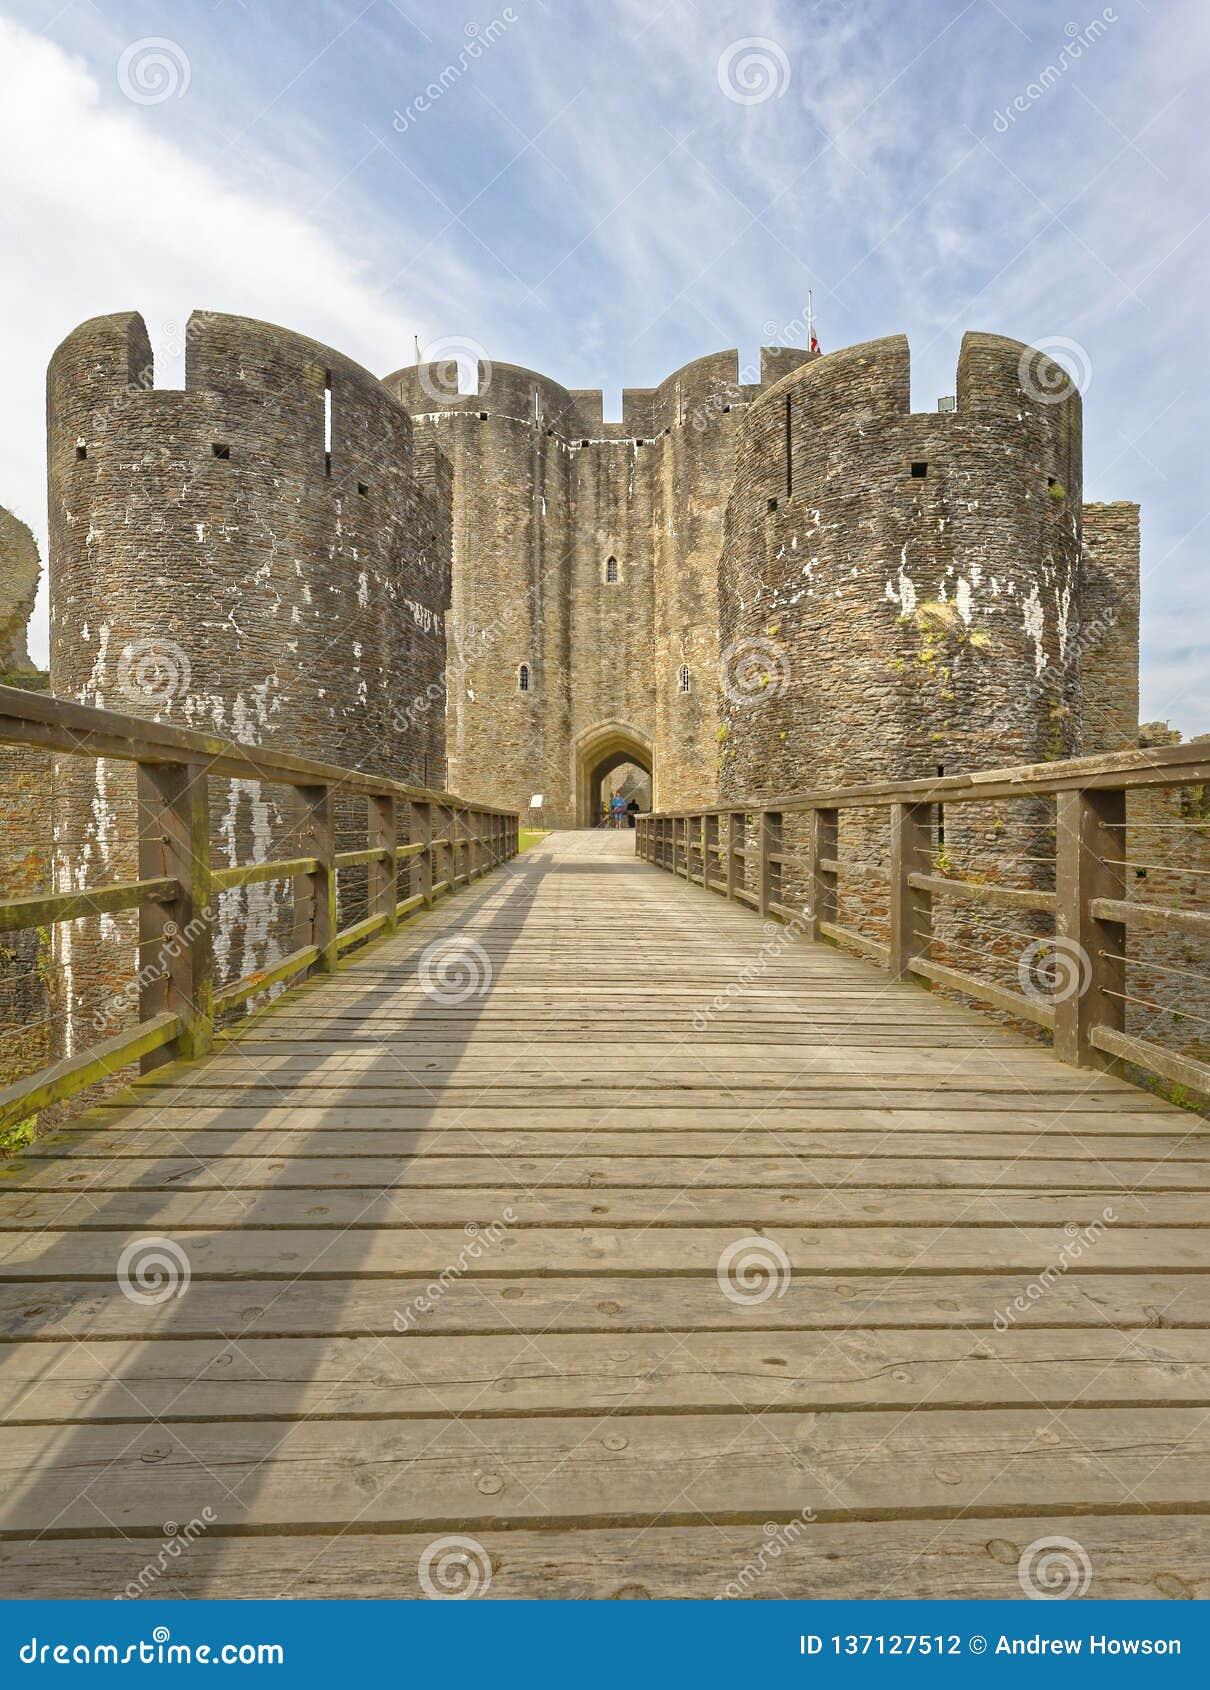 加的夫城堡 加的夫,威尔士,英国  透视图